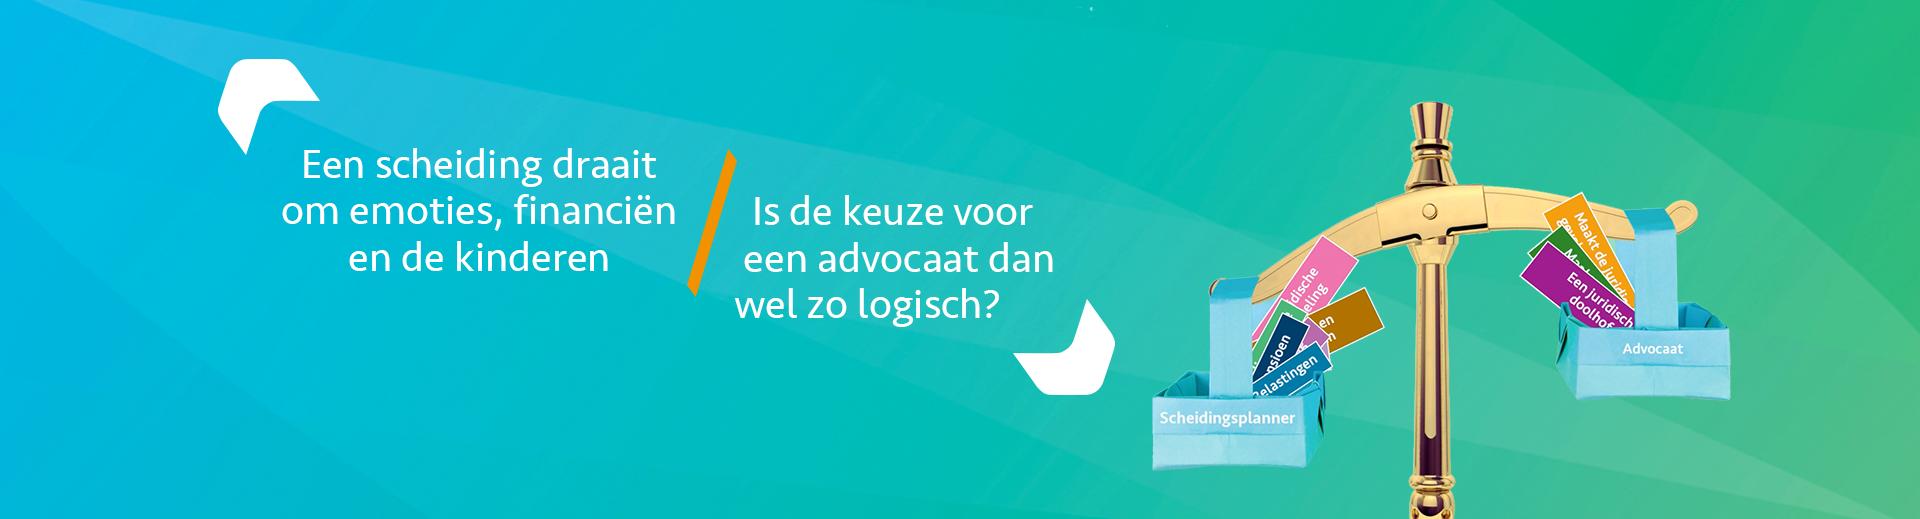 scheiden zonder advocaat - Scheidingsplanner Almelo - Deventer - Nijverdal